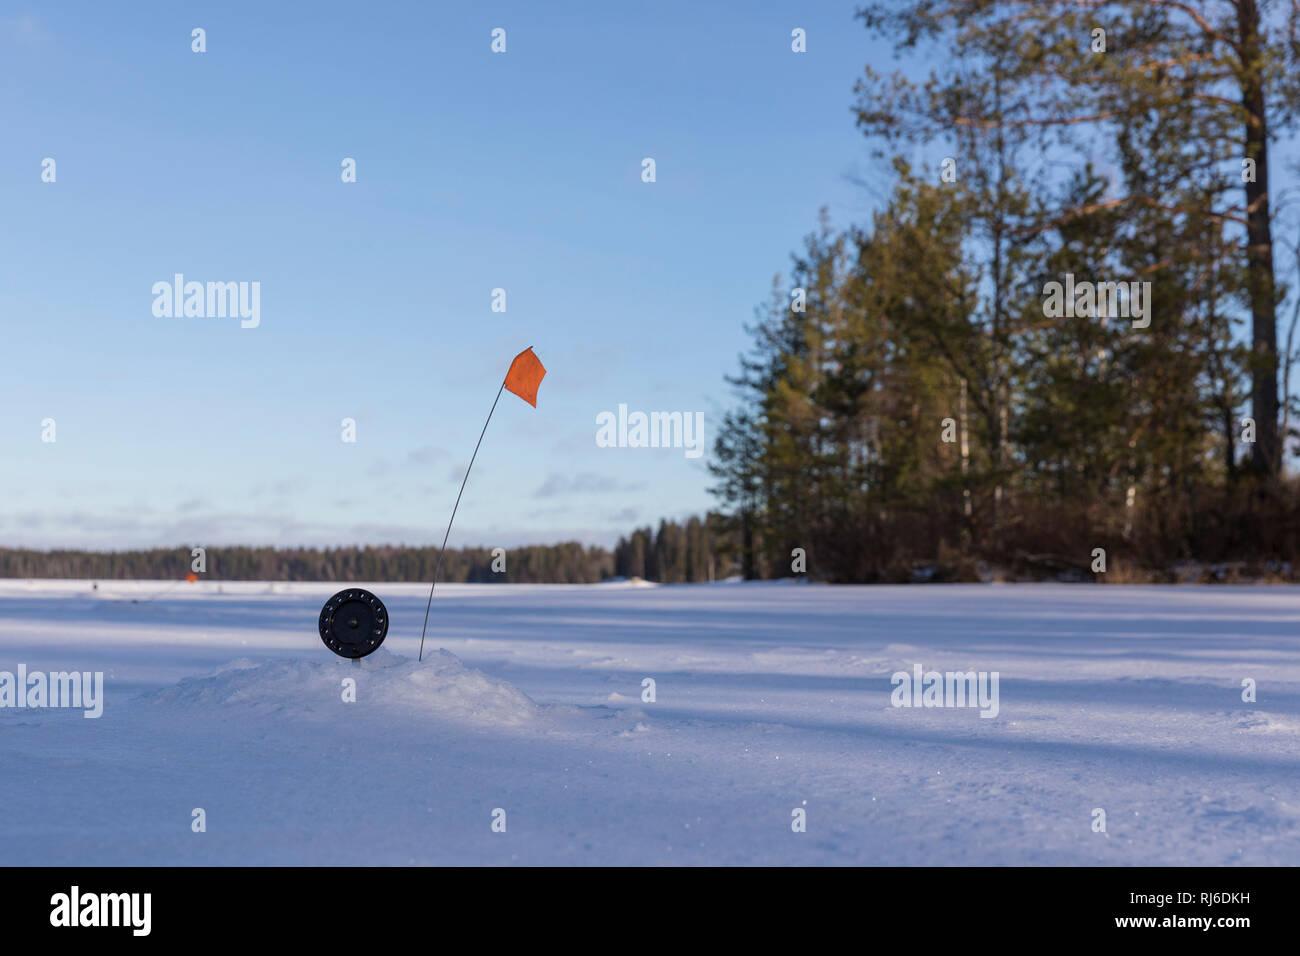 Finnland, Saimaa-Gebiet, Ausrüstung für Winterangeln - Stock Image